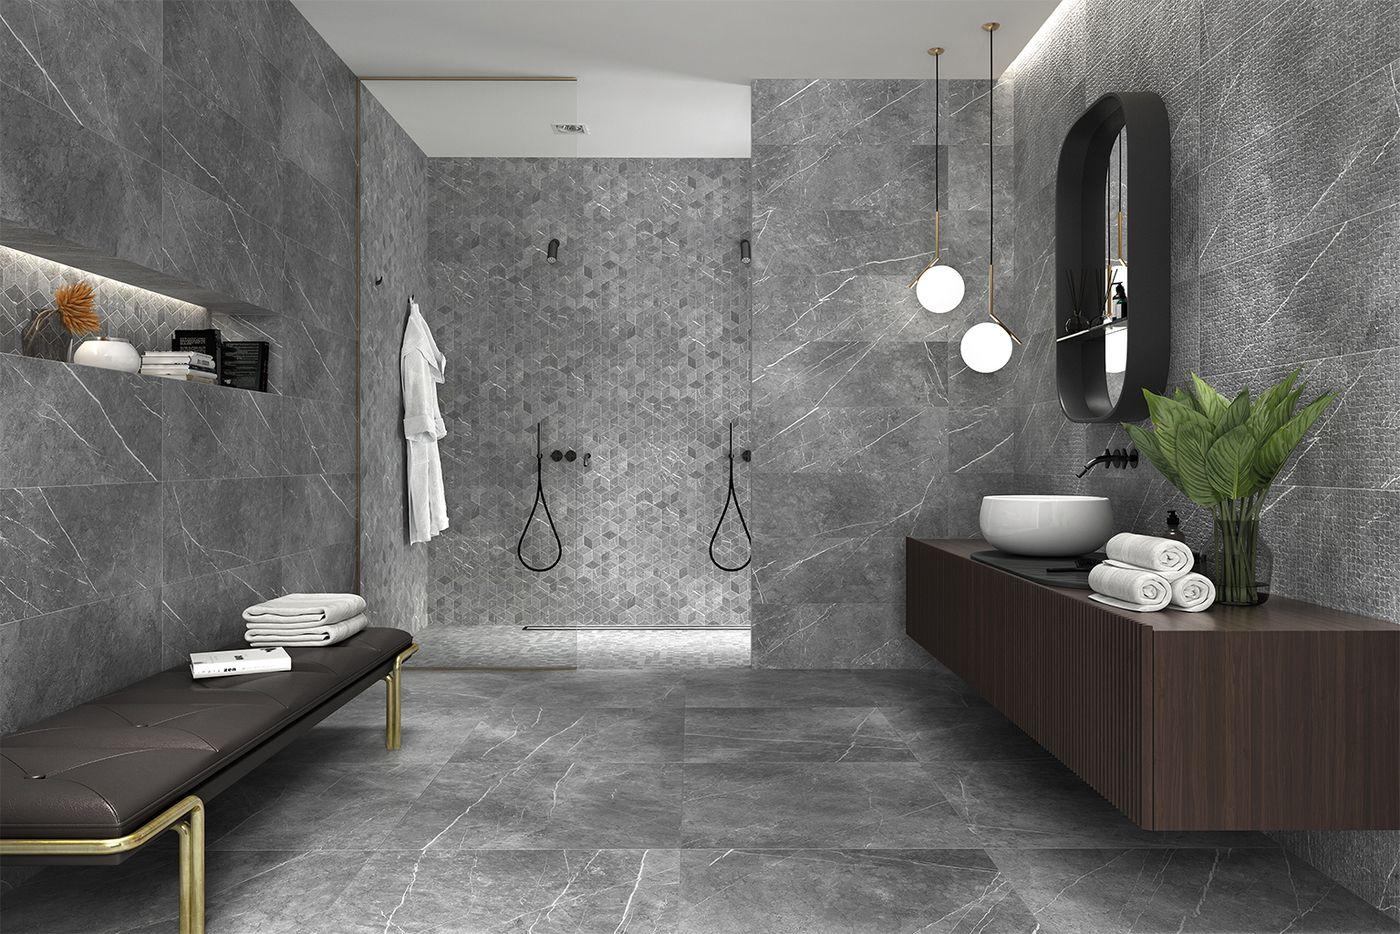 Fliesenkollektion In Moderner Marmoroptik Badezimmer Bathroom Einrichten Idee Schwarz Marmor Opt Tolle Badezimmer Bad Fliesen Designs Badezimmer Fliesen